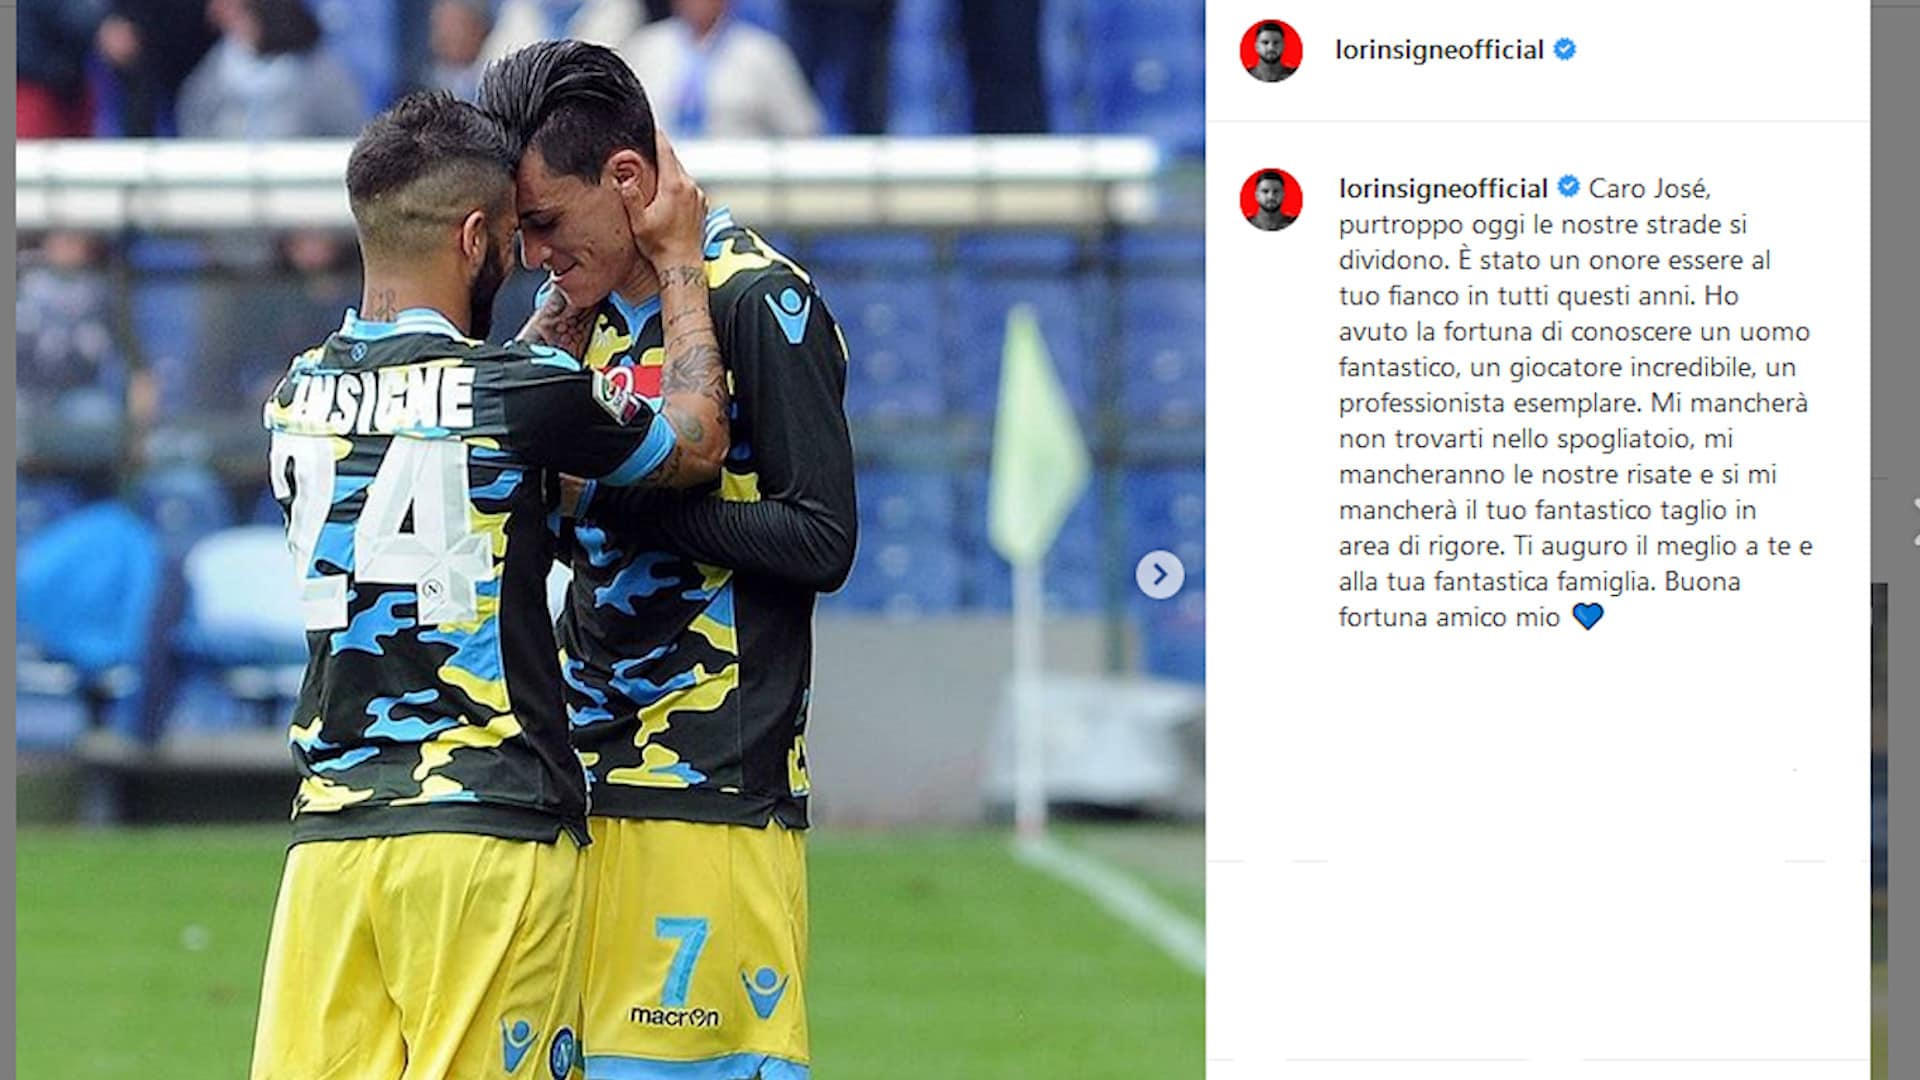 """Napoli, Insigne saluta Callejon: """"Un onore essere al tuo fianco"""""""